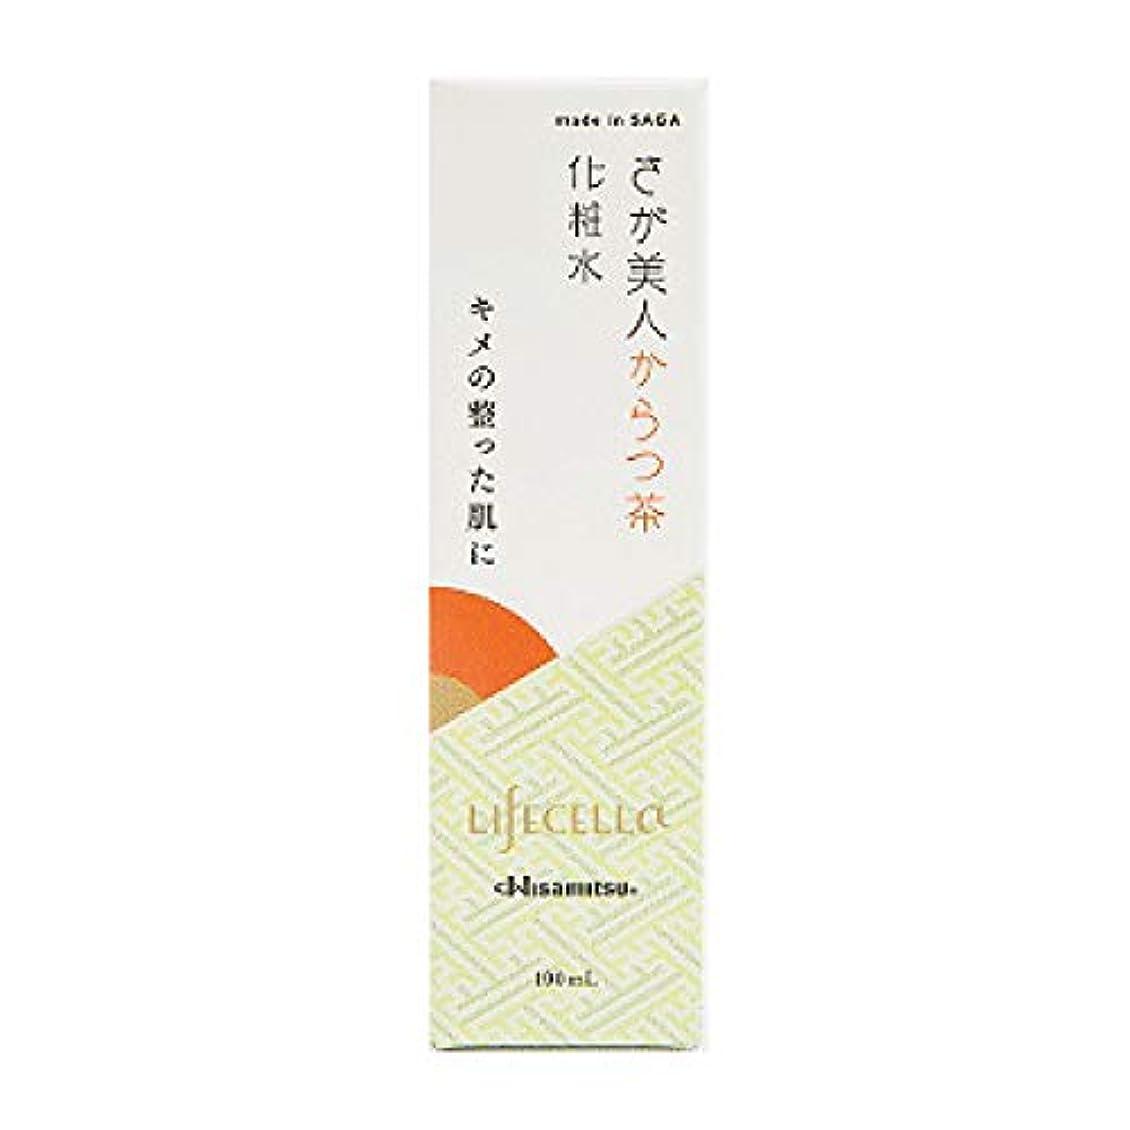 無傷バラエティ進行中さが美人 化粧水 (からつ茶) 久光製薬 ご当地 コスメ 保湿